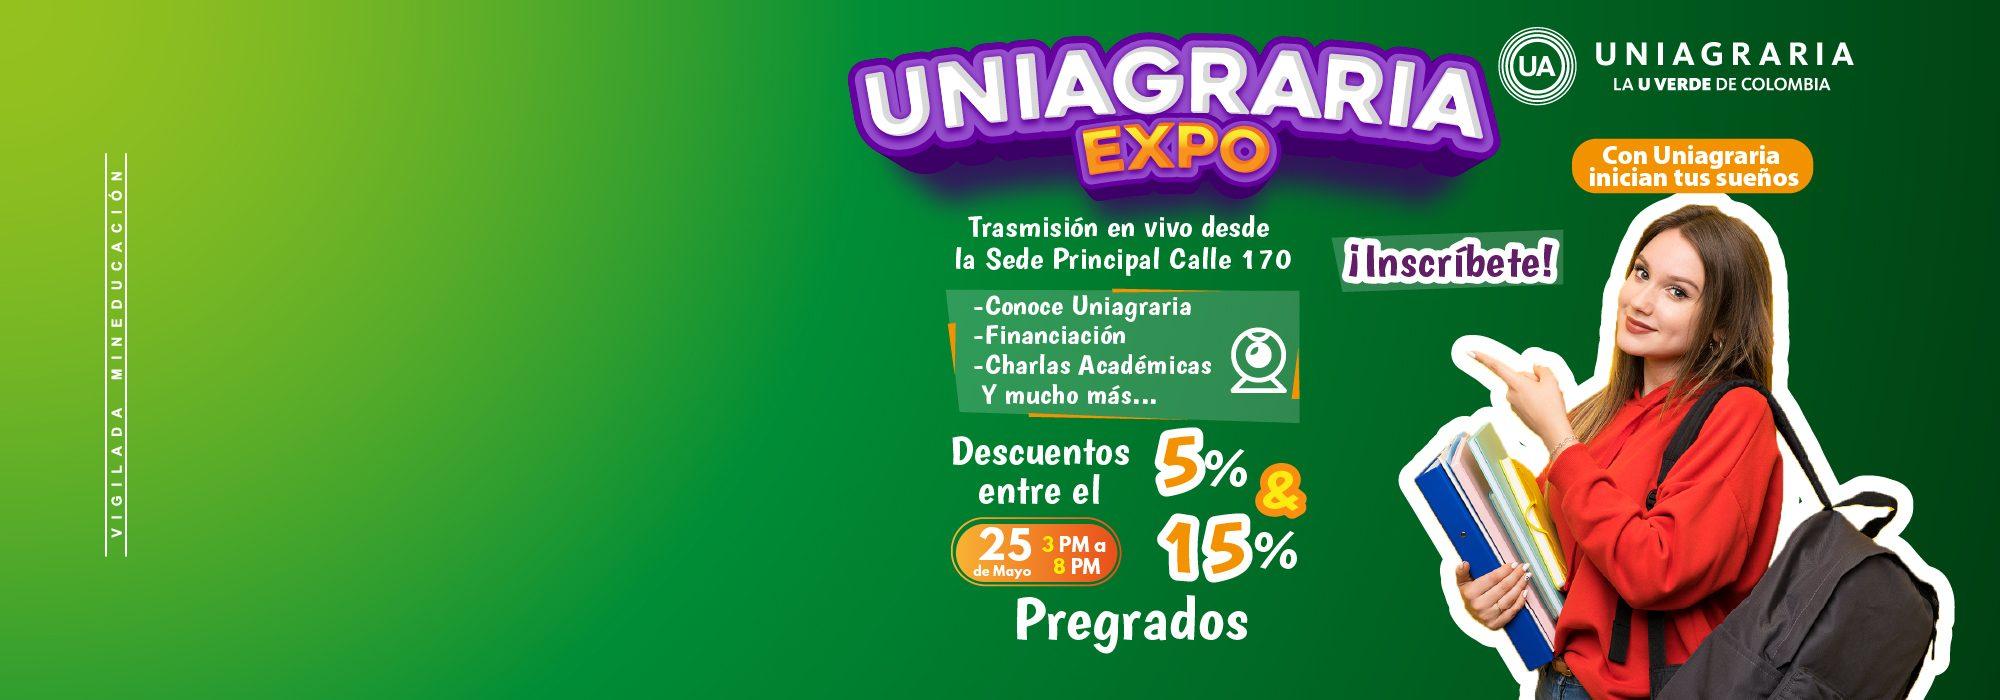 Expo Uniagraria pregrados